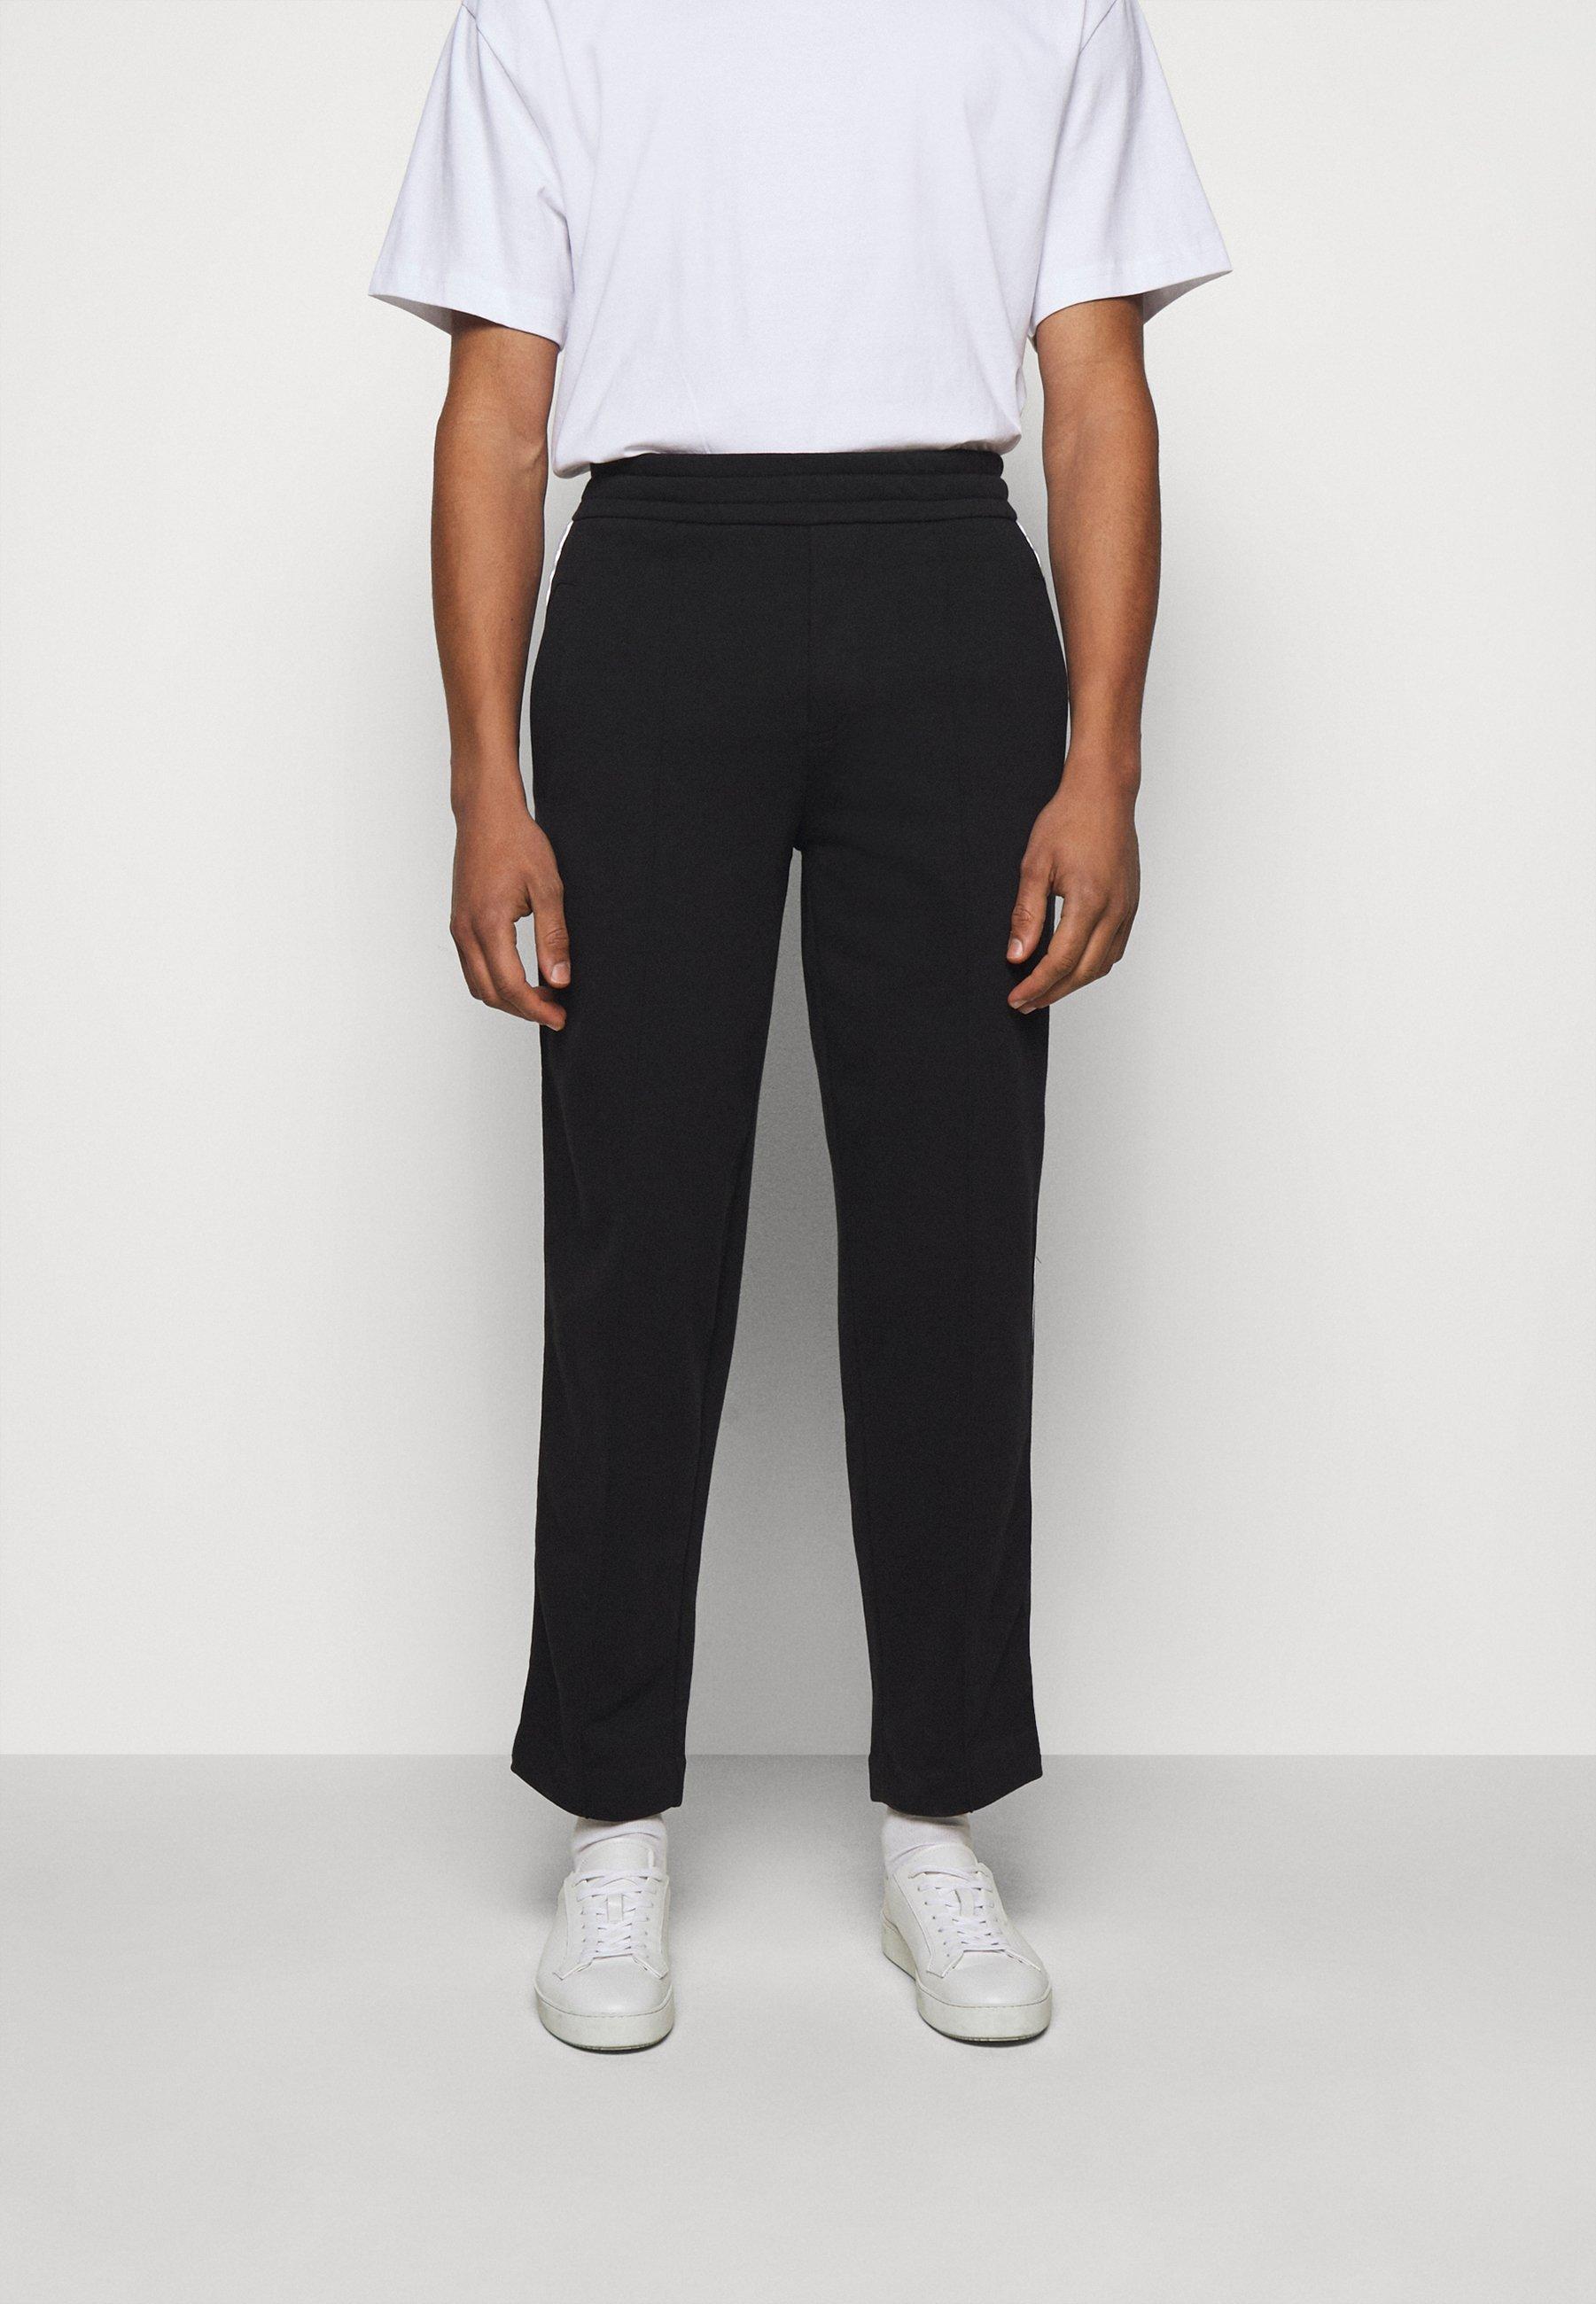 Homme SUGARO LOUNG PANTS - Pantalon classique